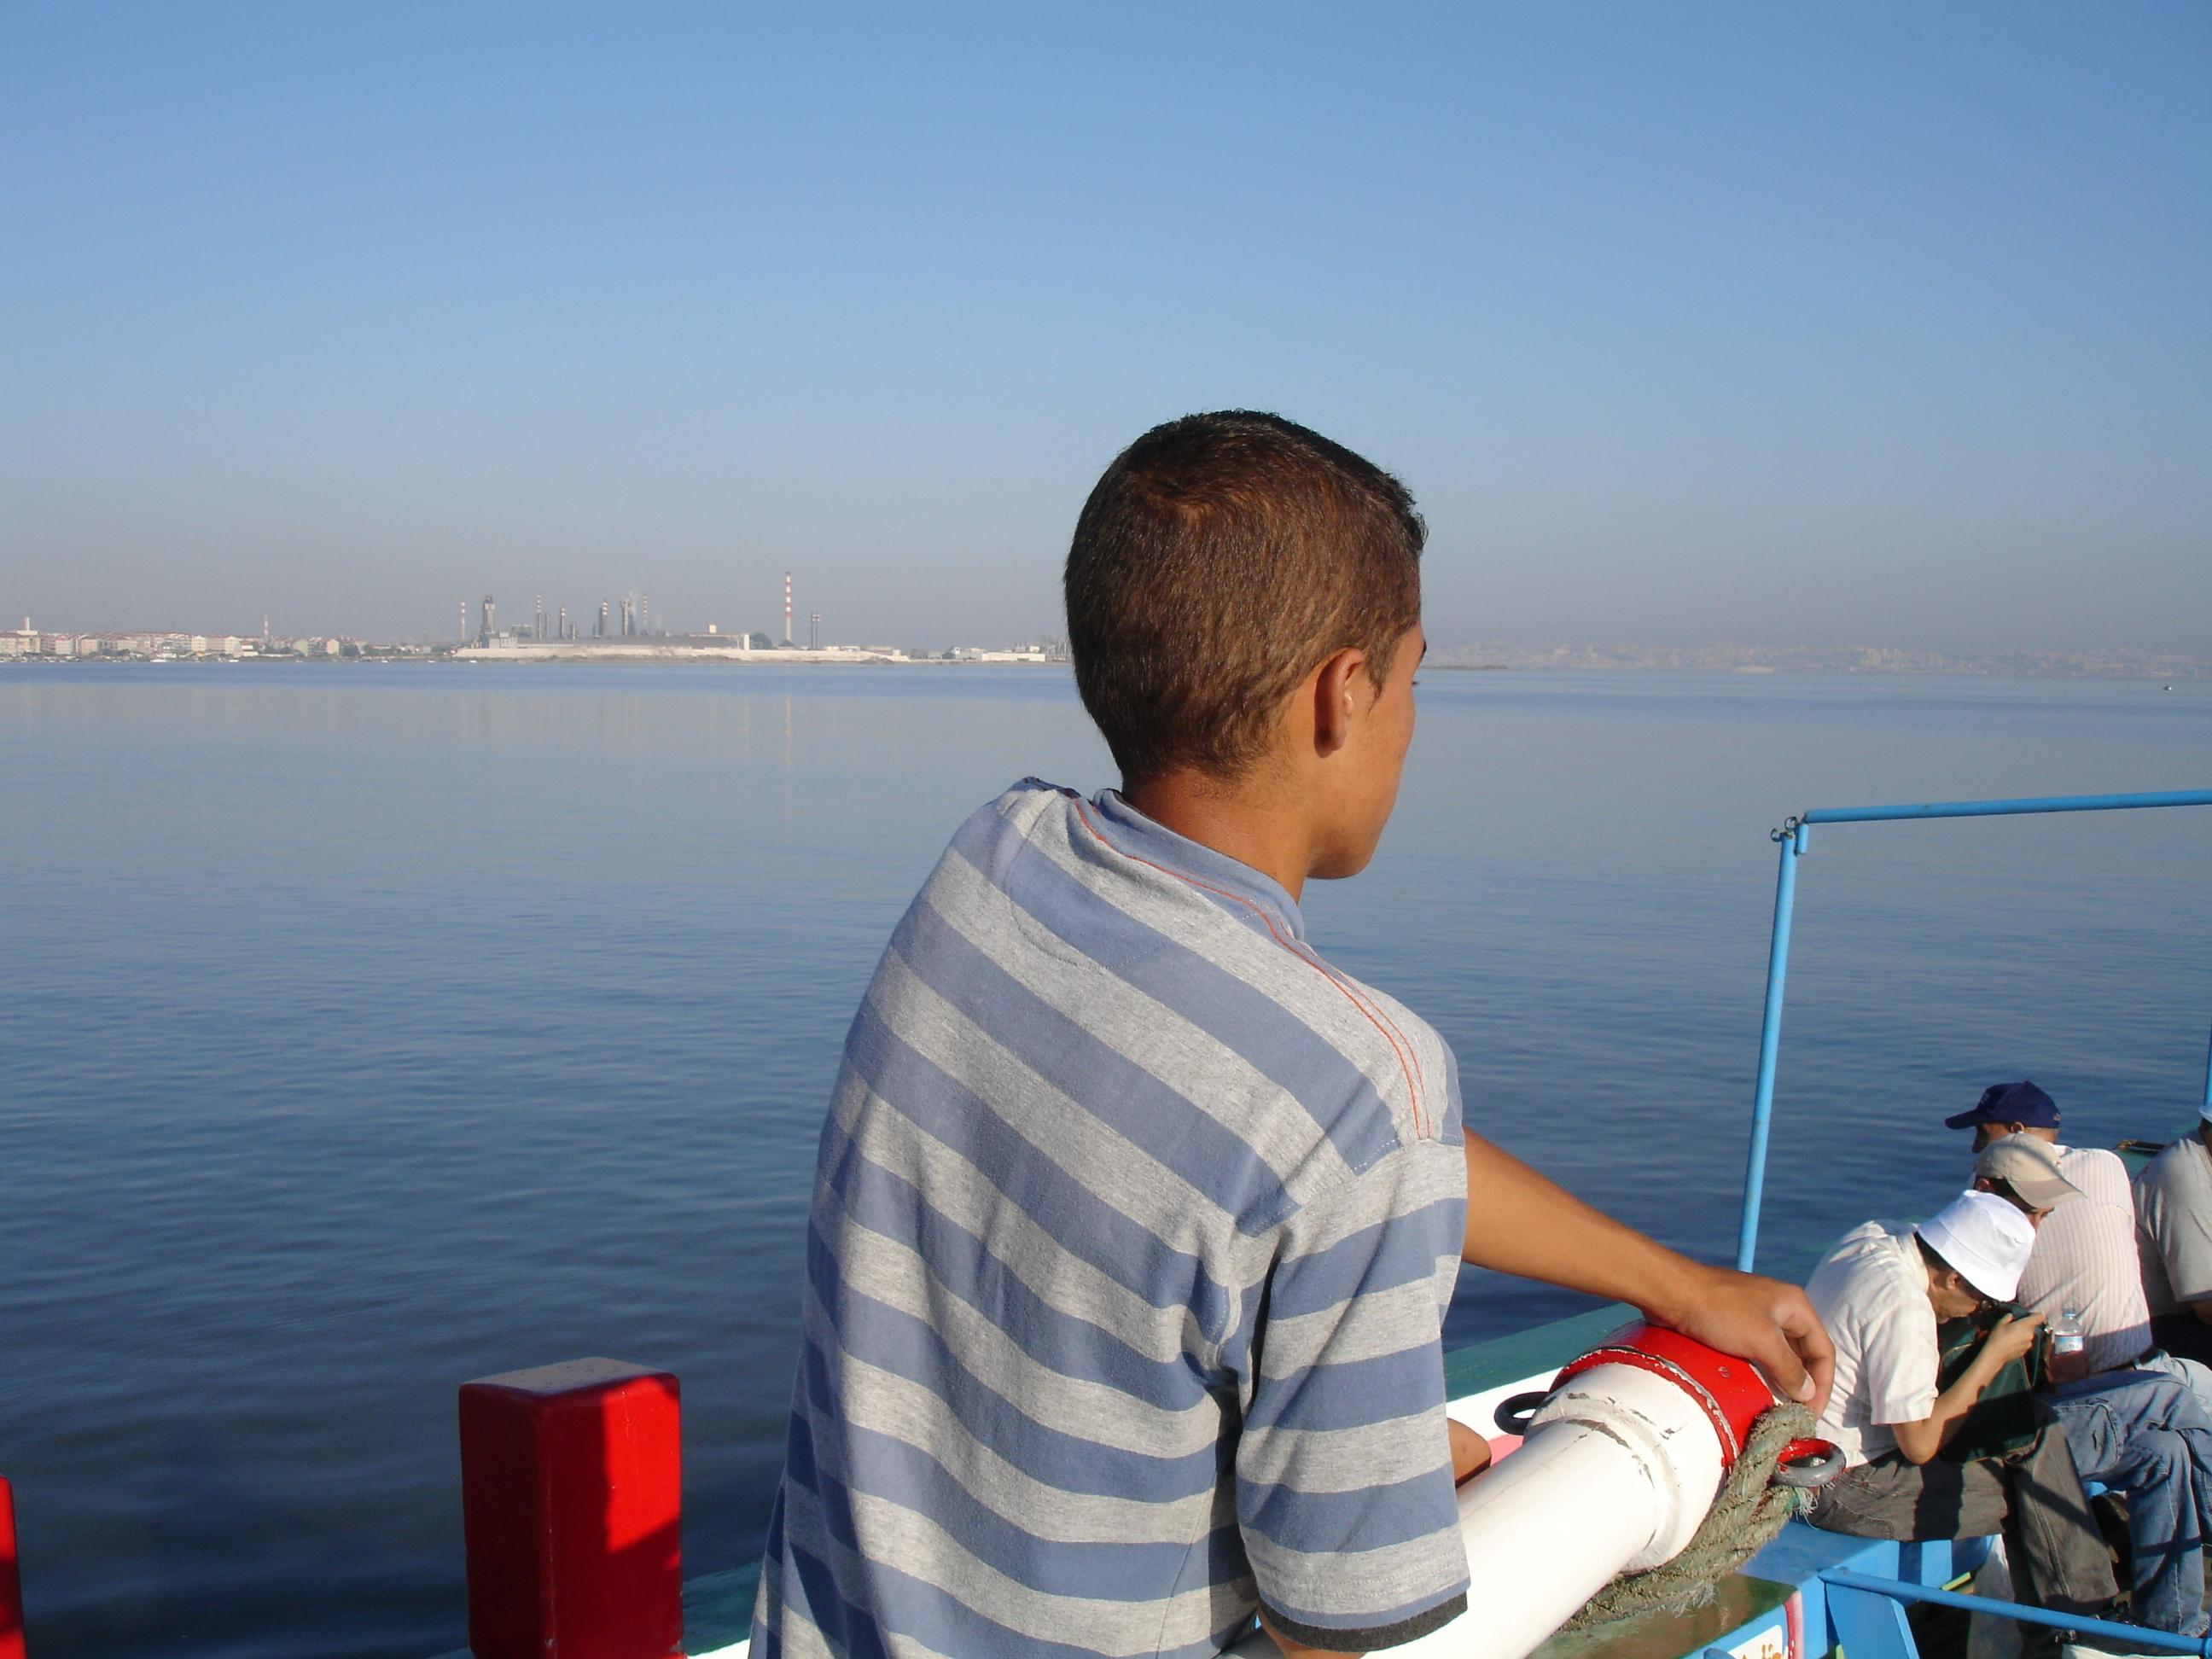 Passeio do barco varino - CM Moita